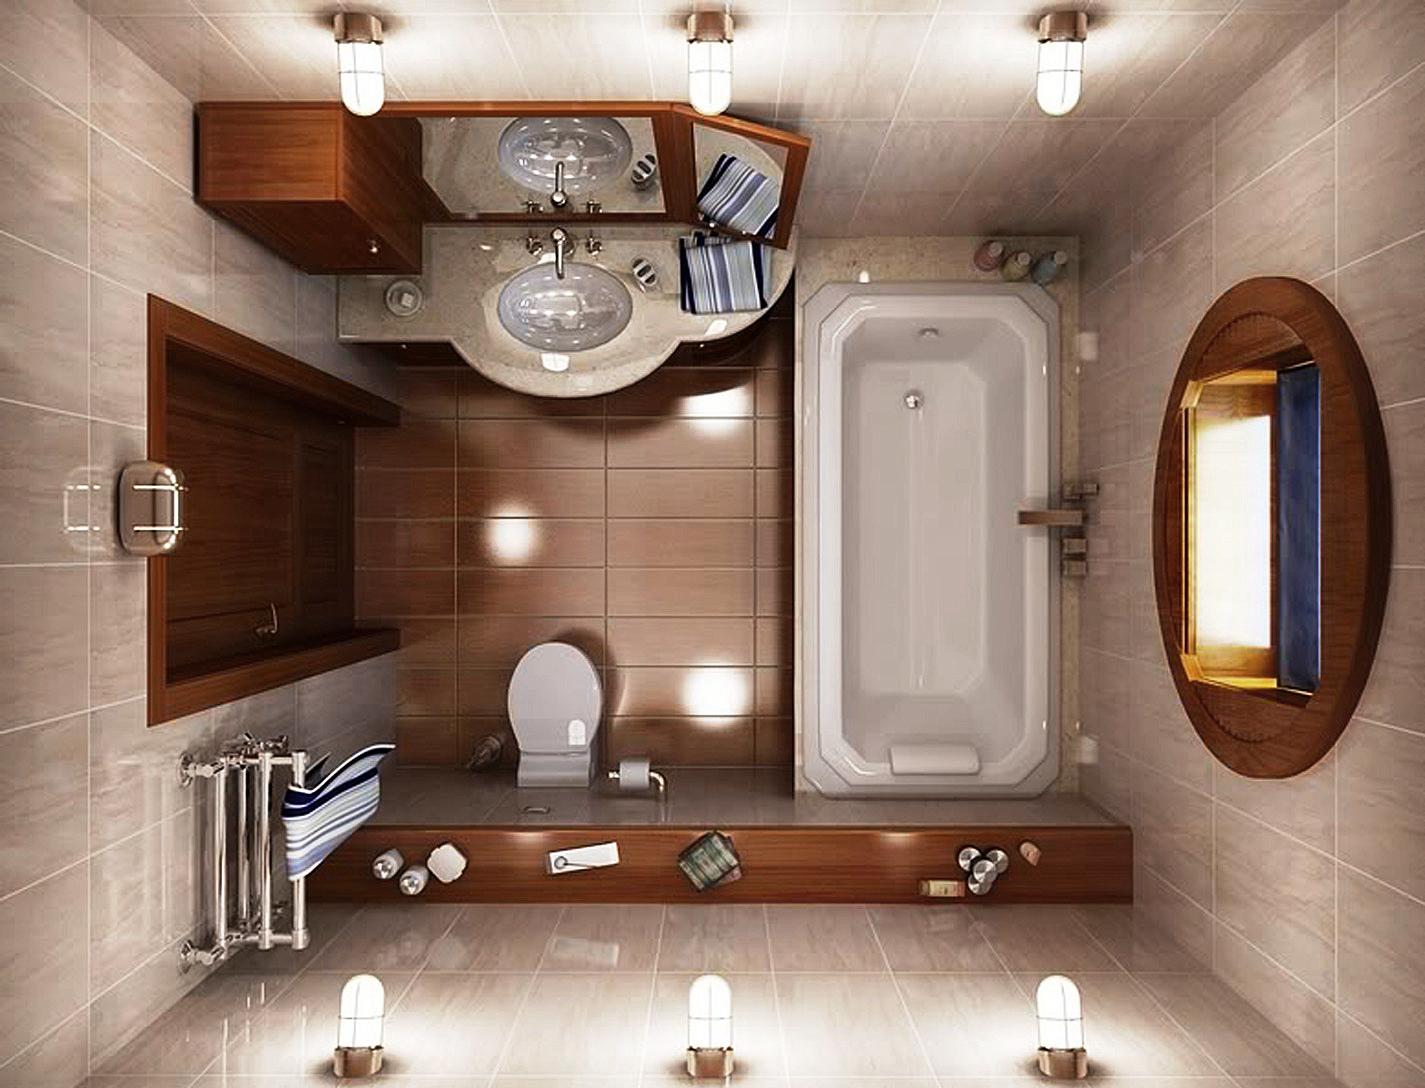 дизайнерское решение маленькой комнаты